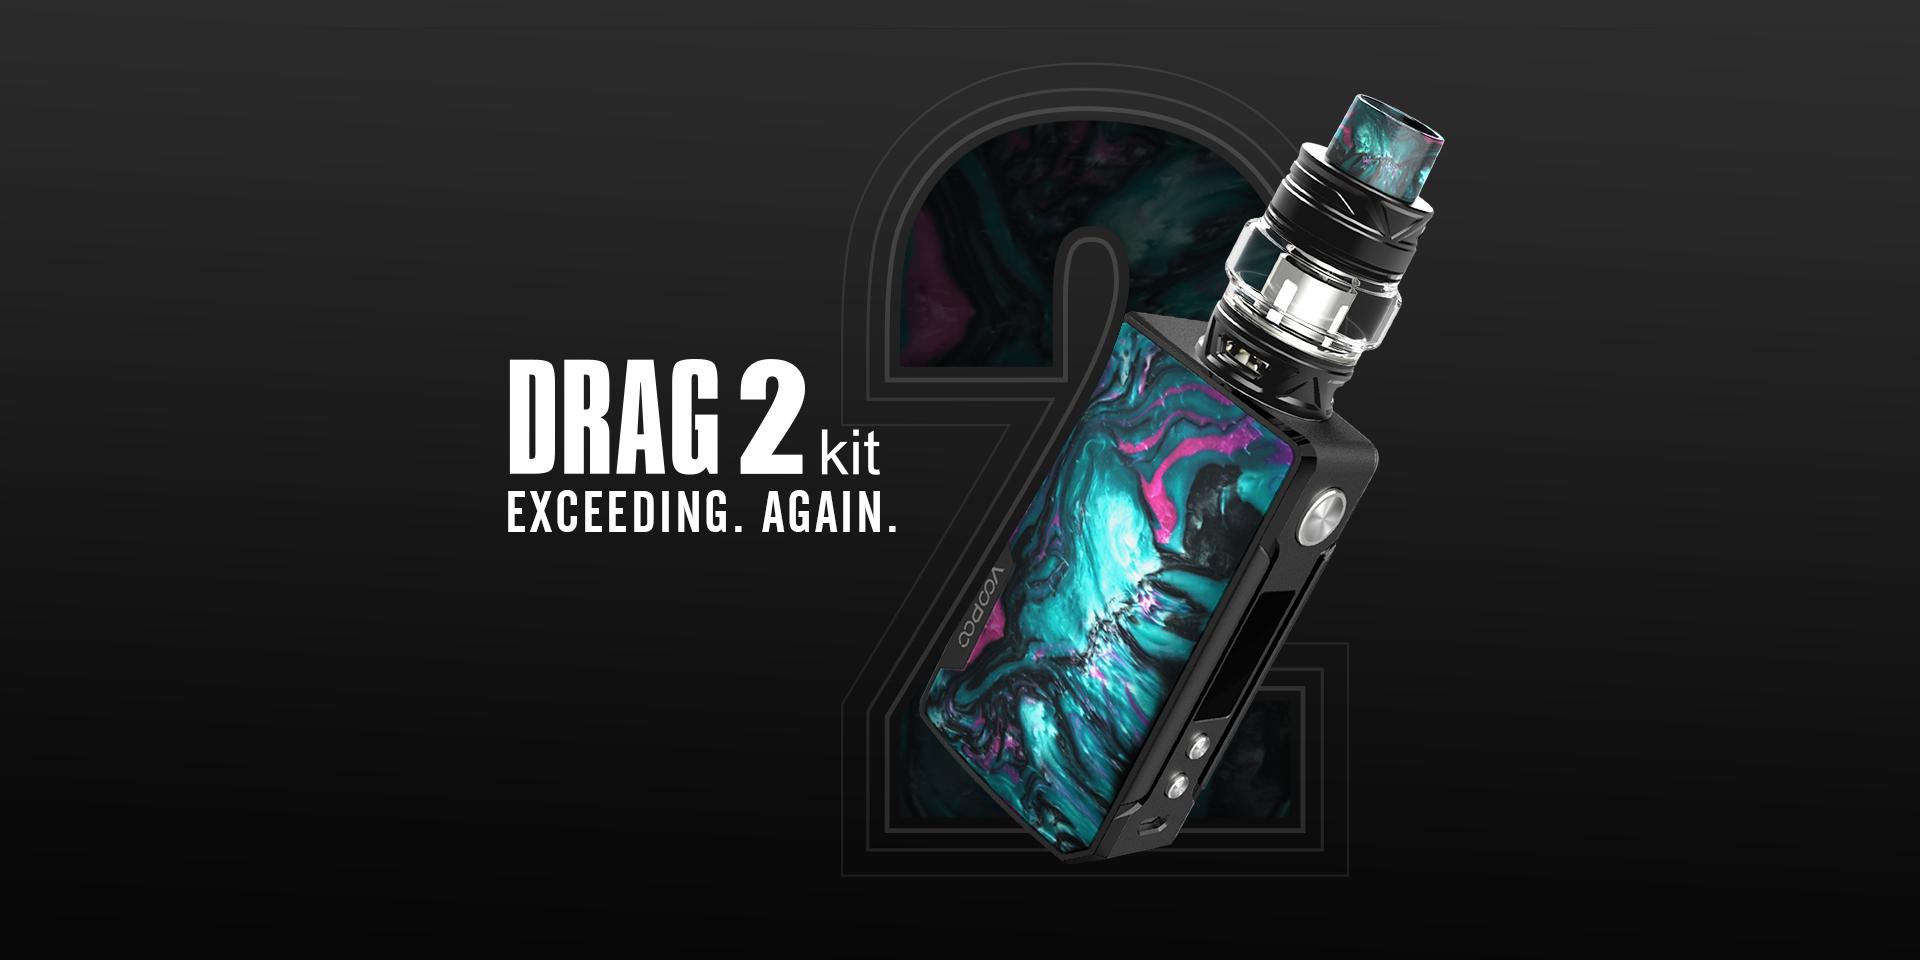 drag-2-kit-en.jpg